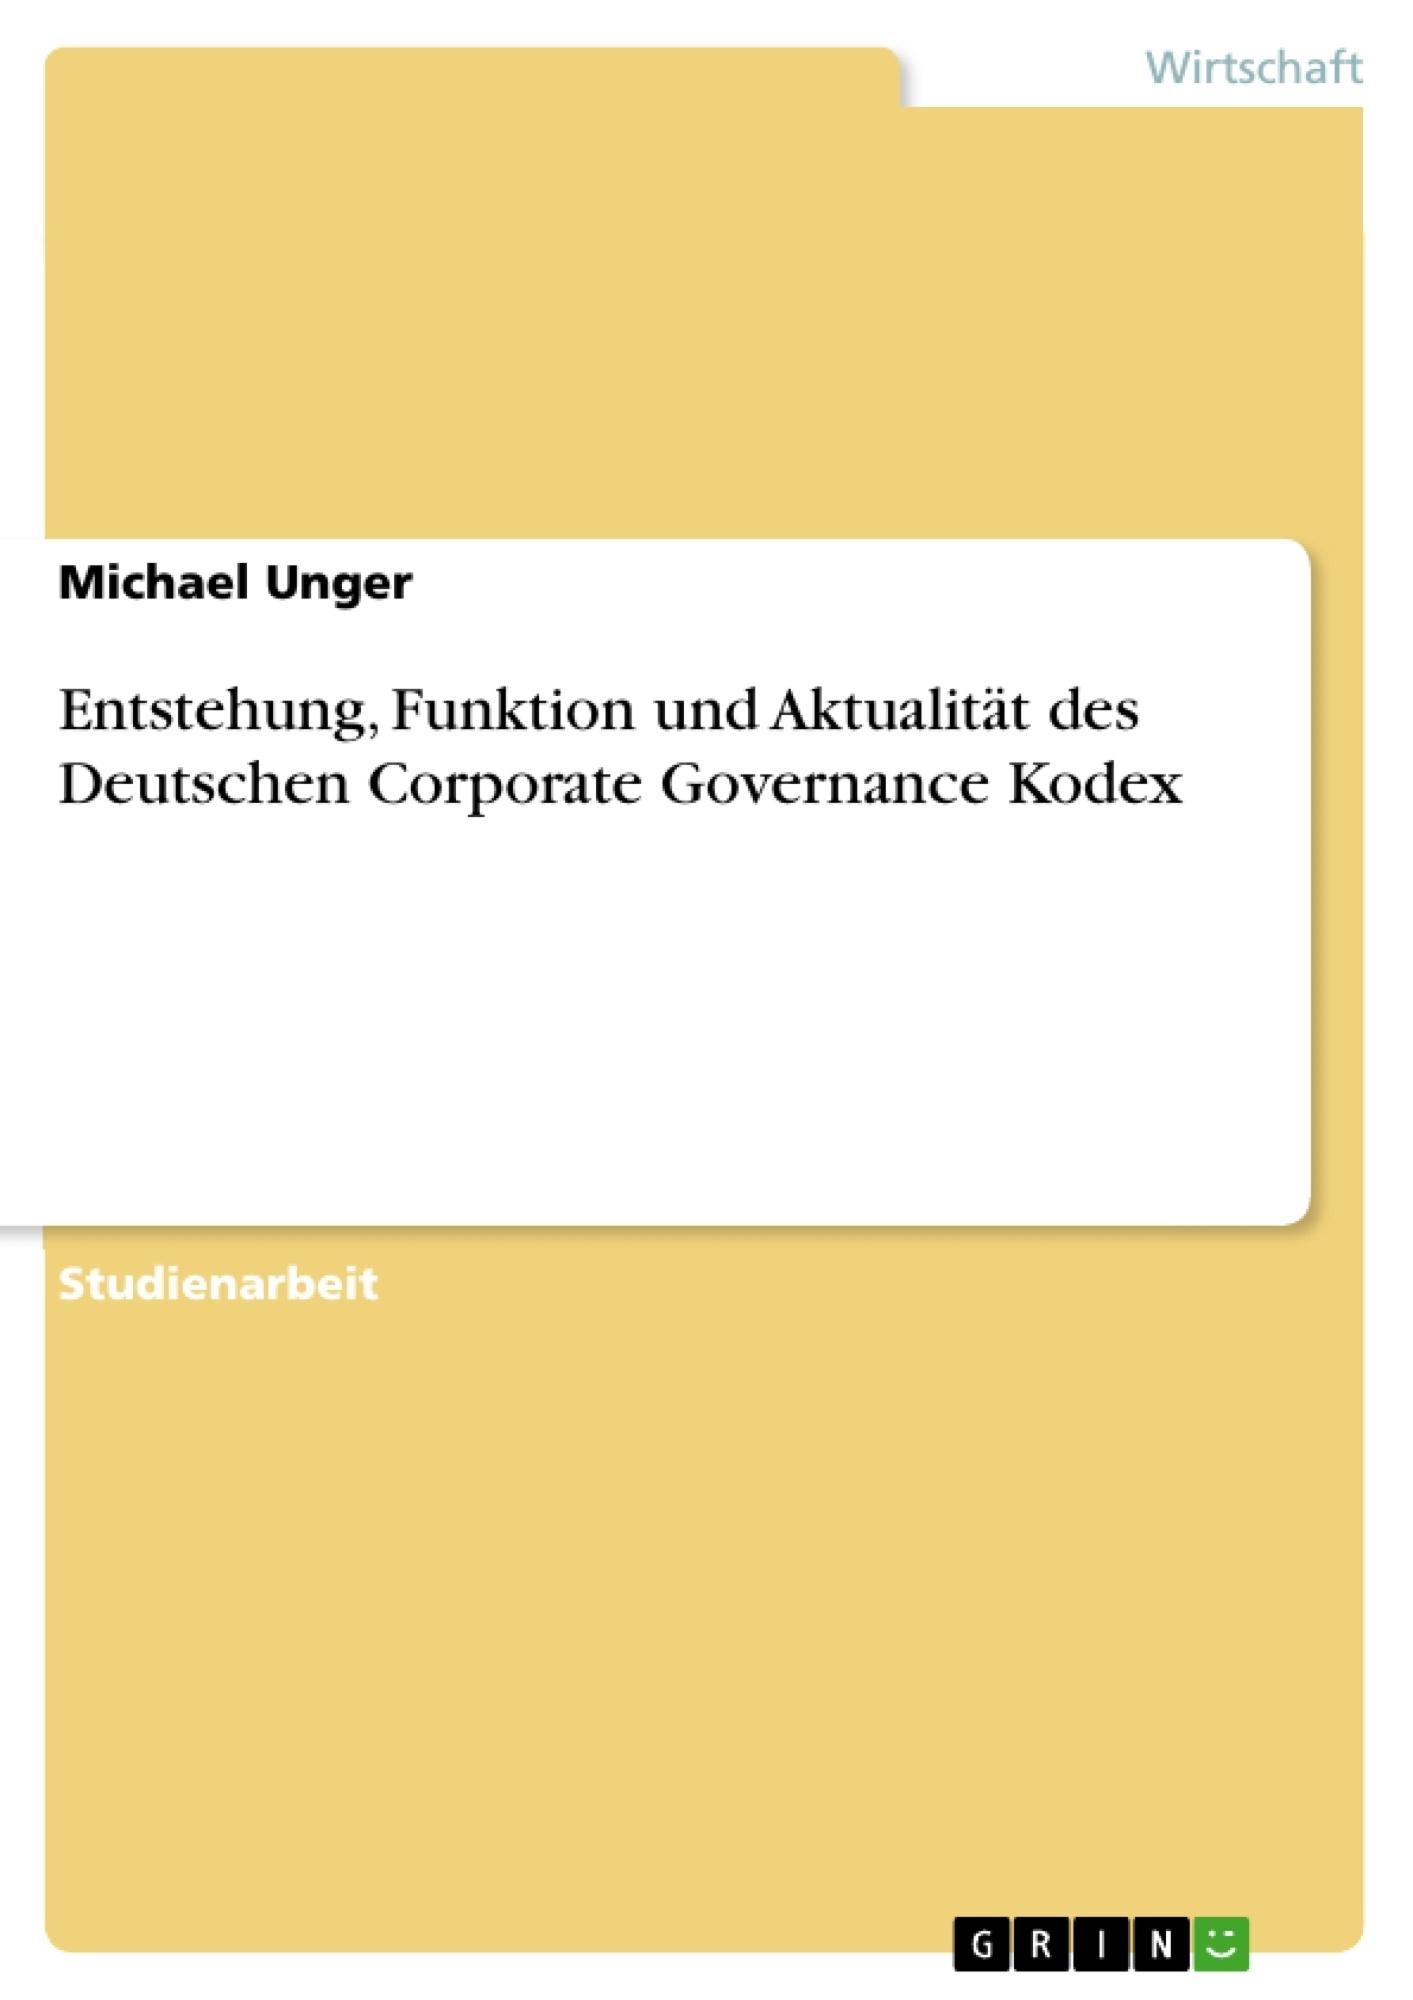 Titel: Entstehung, Funktion und Aktualität des Deutschen Corporate Governance Kodex